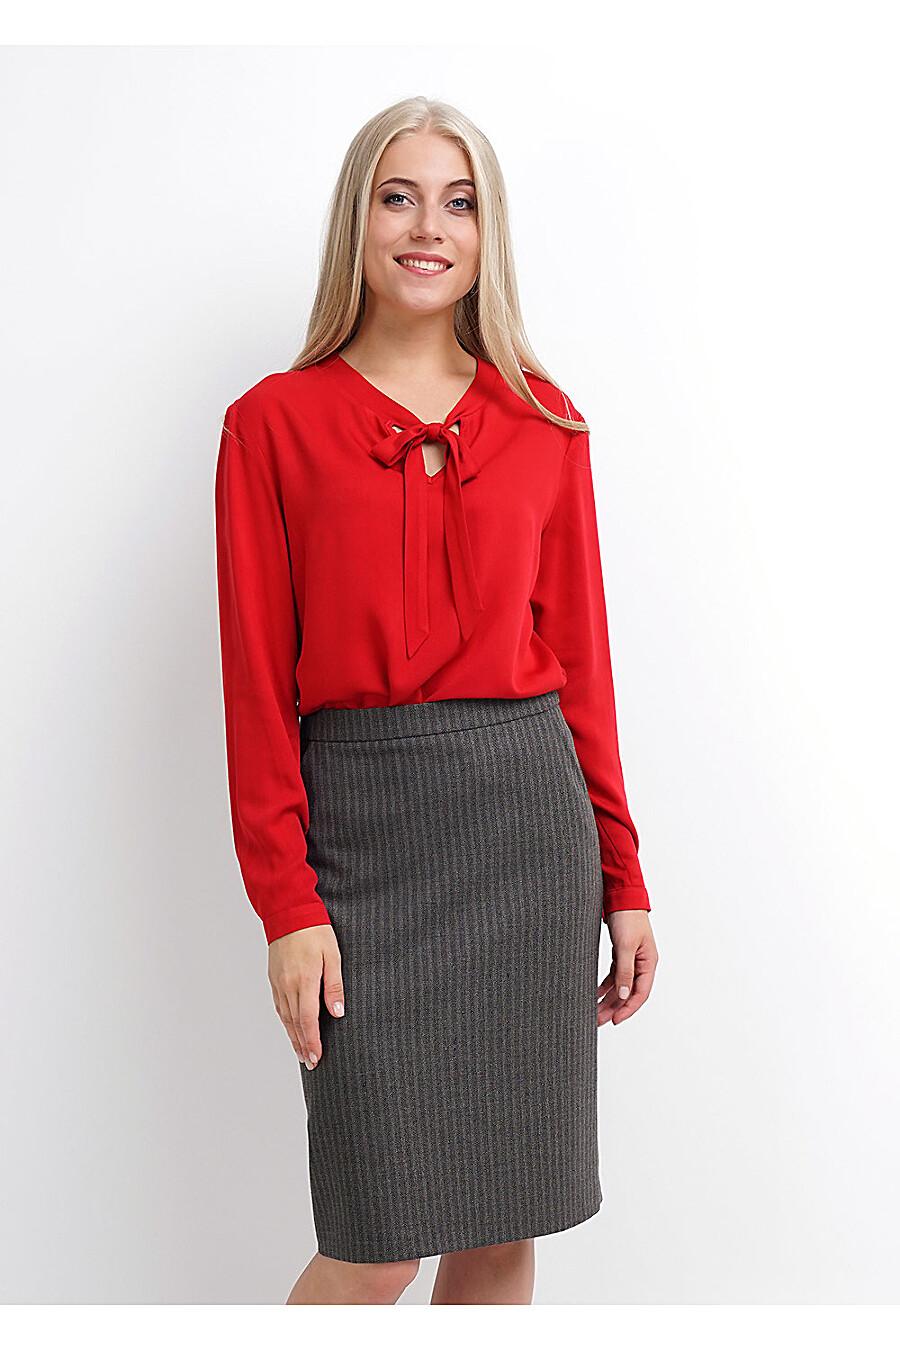 Юбка для женщин CLEVER 157992 купить оптом от производителя. Совместная покупка женской одежды в OptMoyo